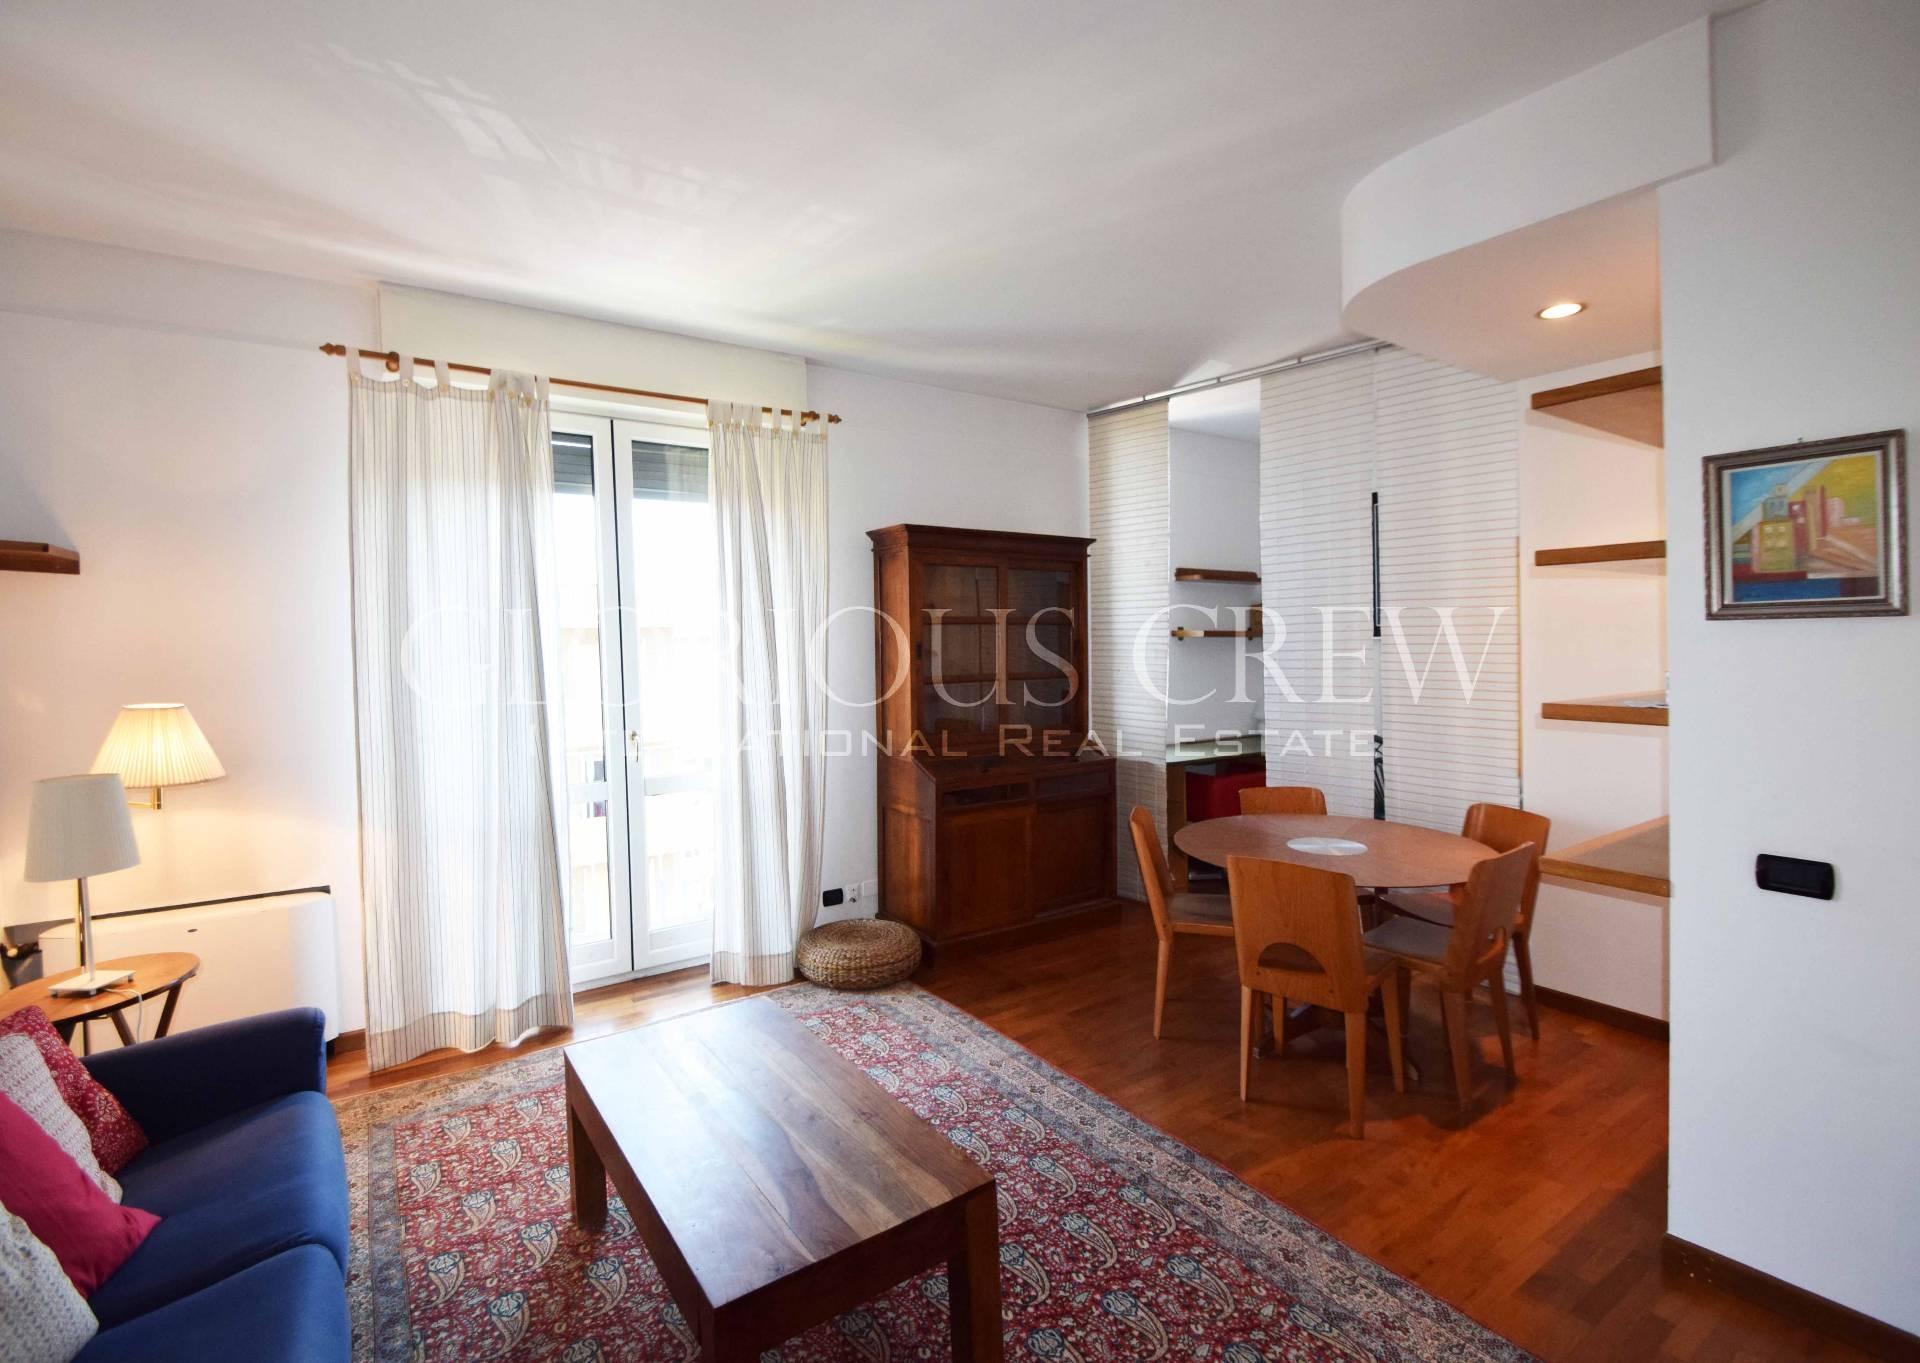 vendita appartamento milano lorenteggio  335000 euro  2 locali  82 mq